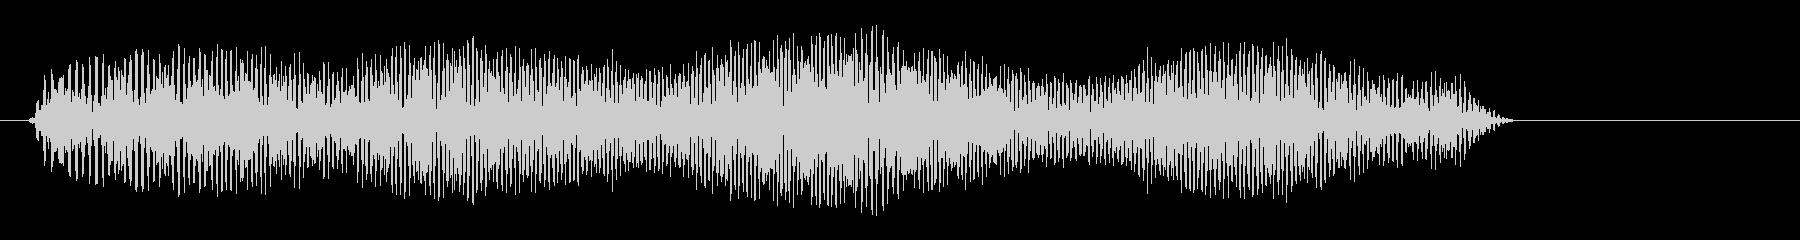 ウェンウェン(コミカル)の未再生の波形